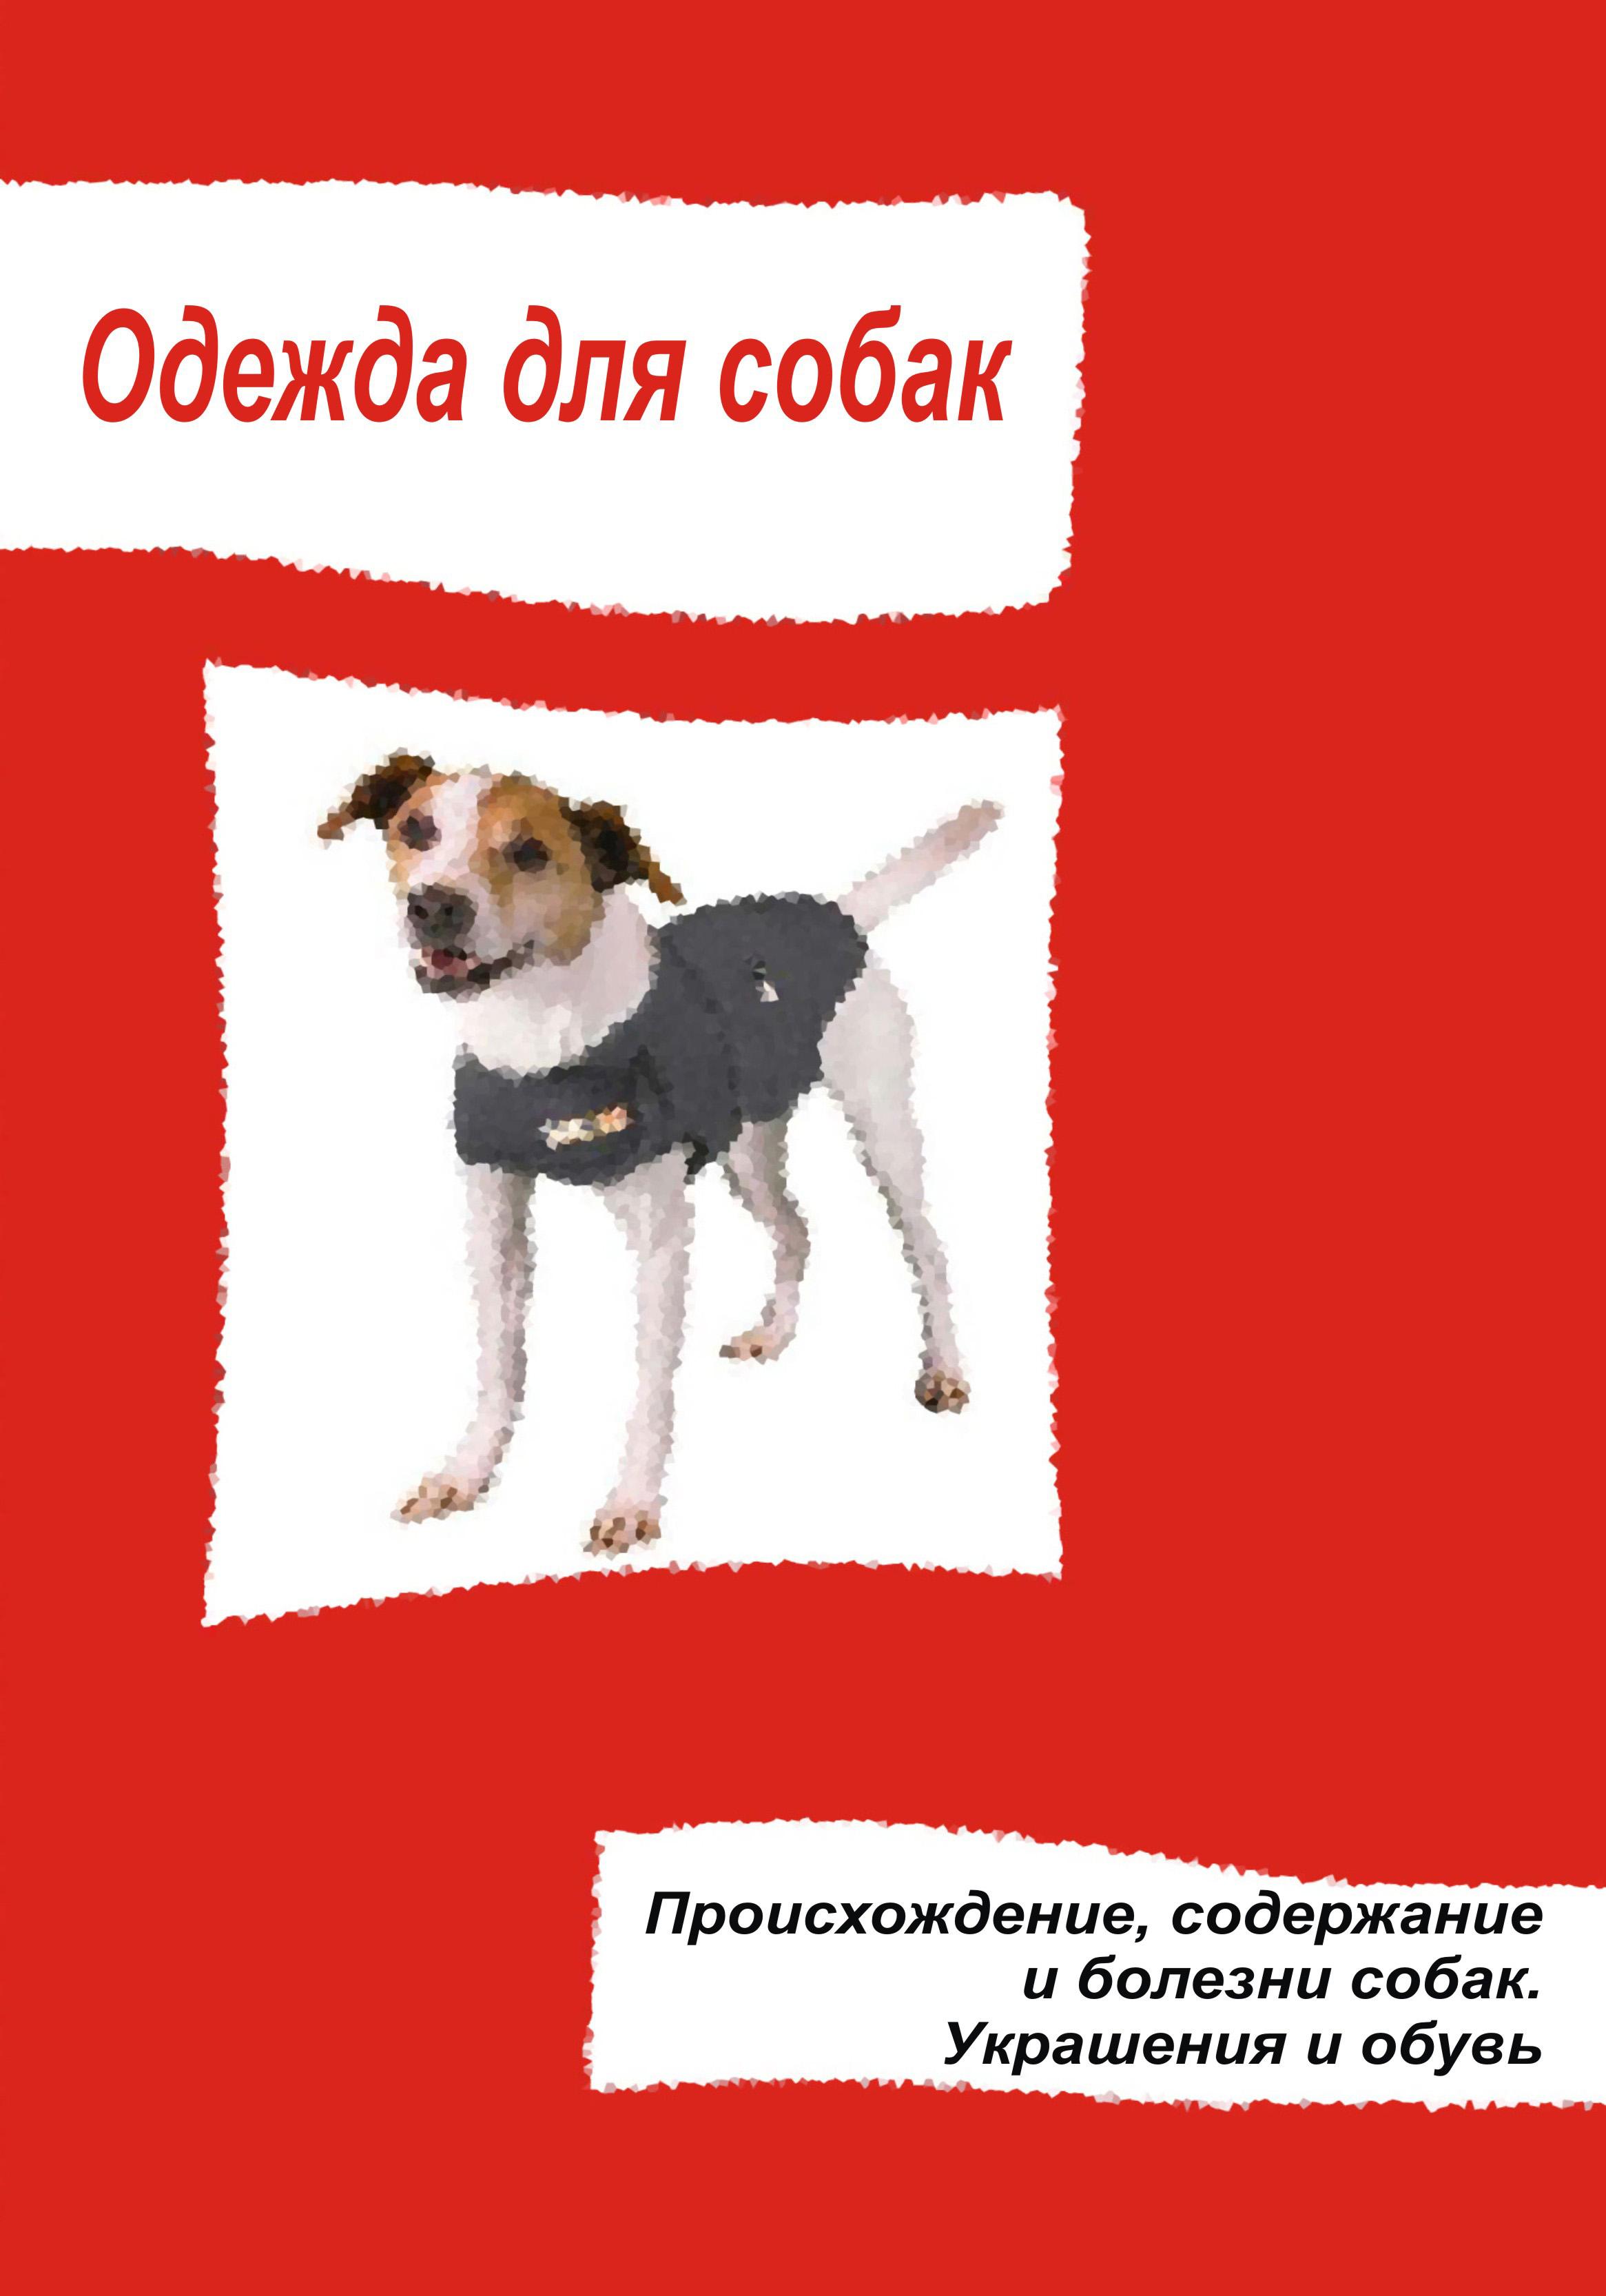 Отсутствует Одежда для собак. Происхождение, содержание и болезни собак. Украшения и обувь йорики одежда для собак официальный сайт